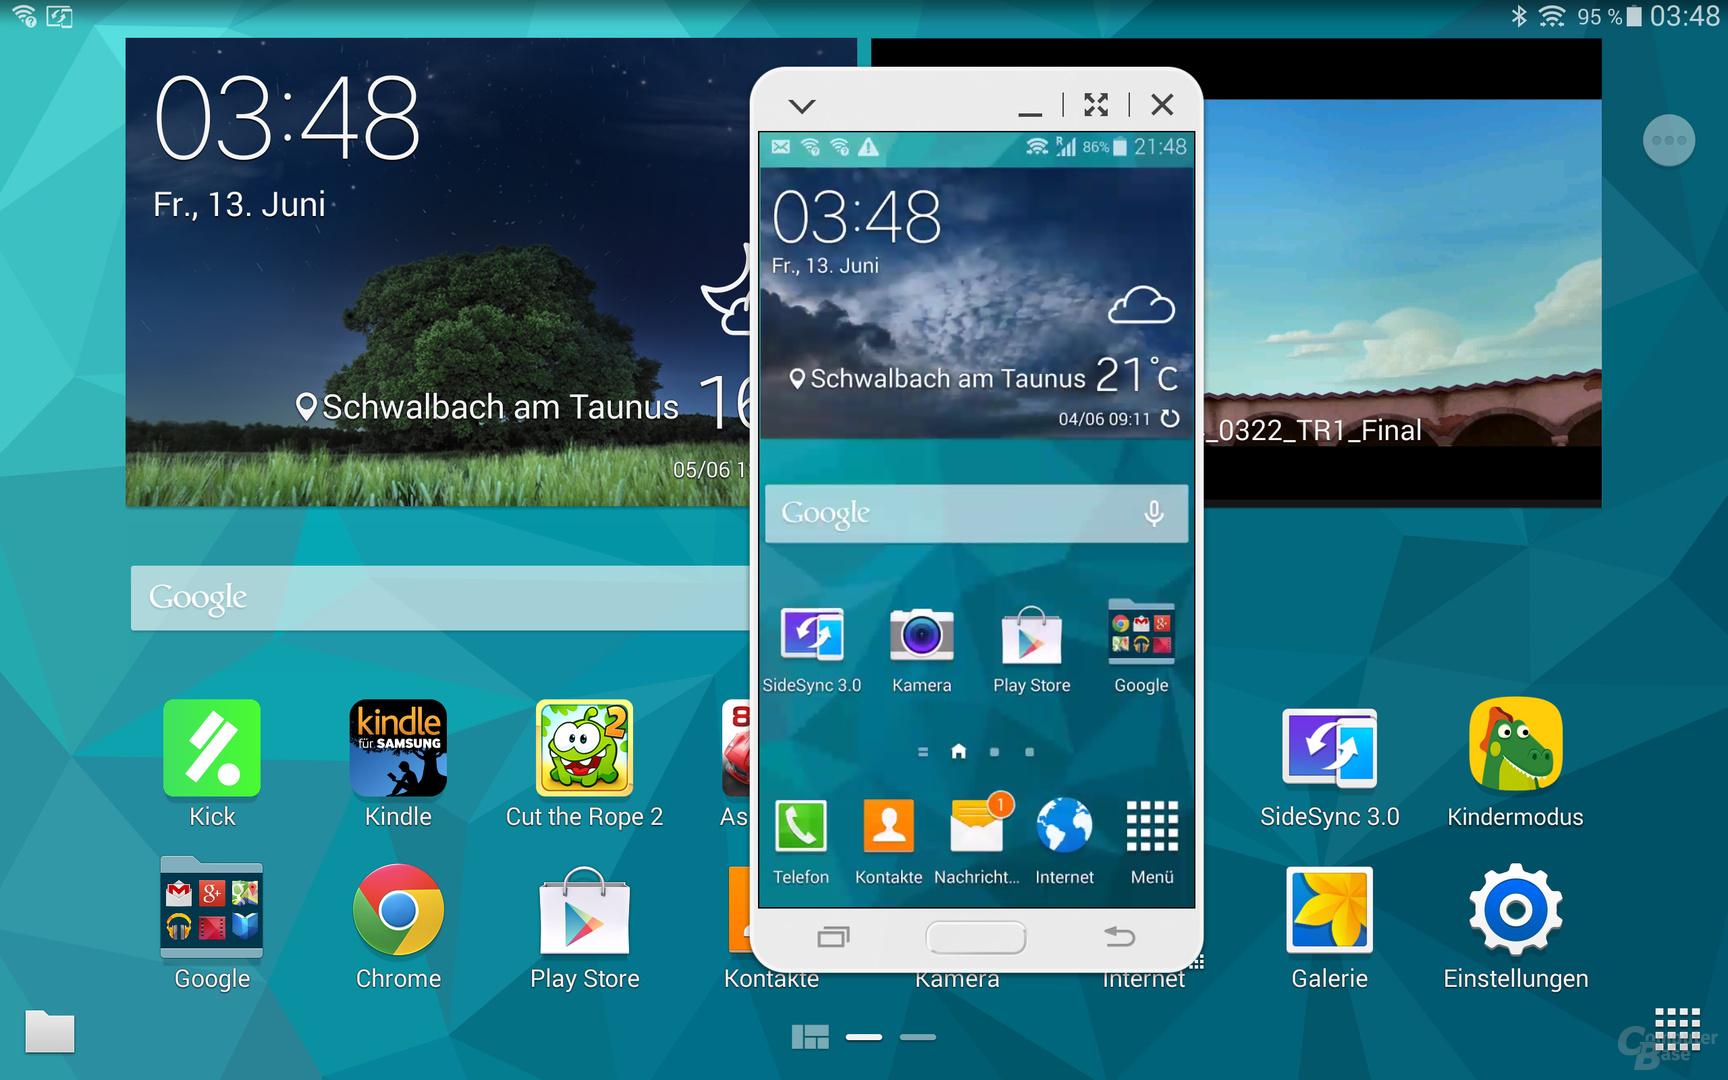 SideSync 3.0 – Galaxy S5 gespiegelt